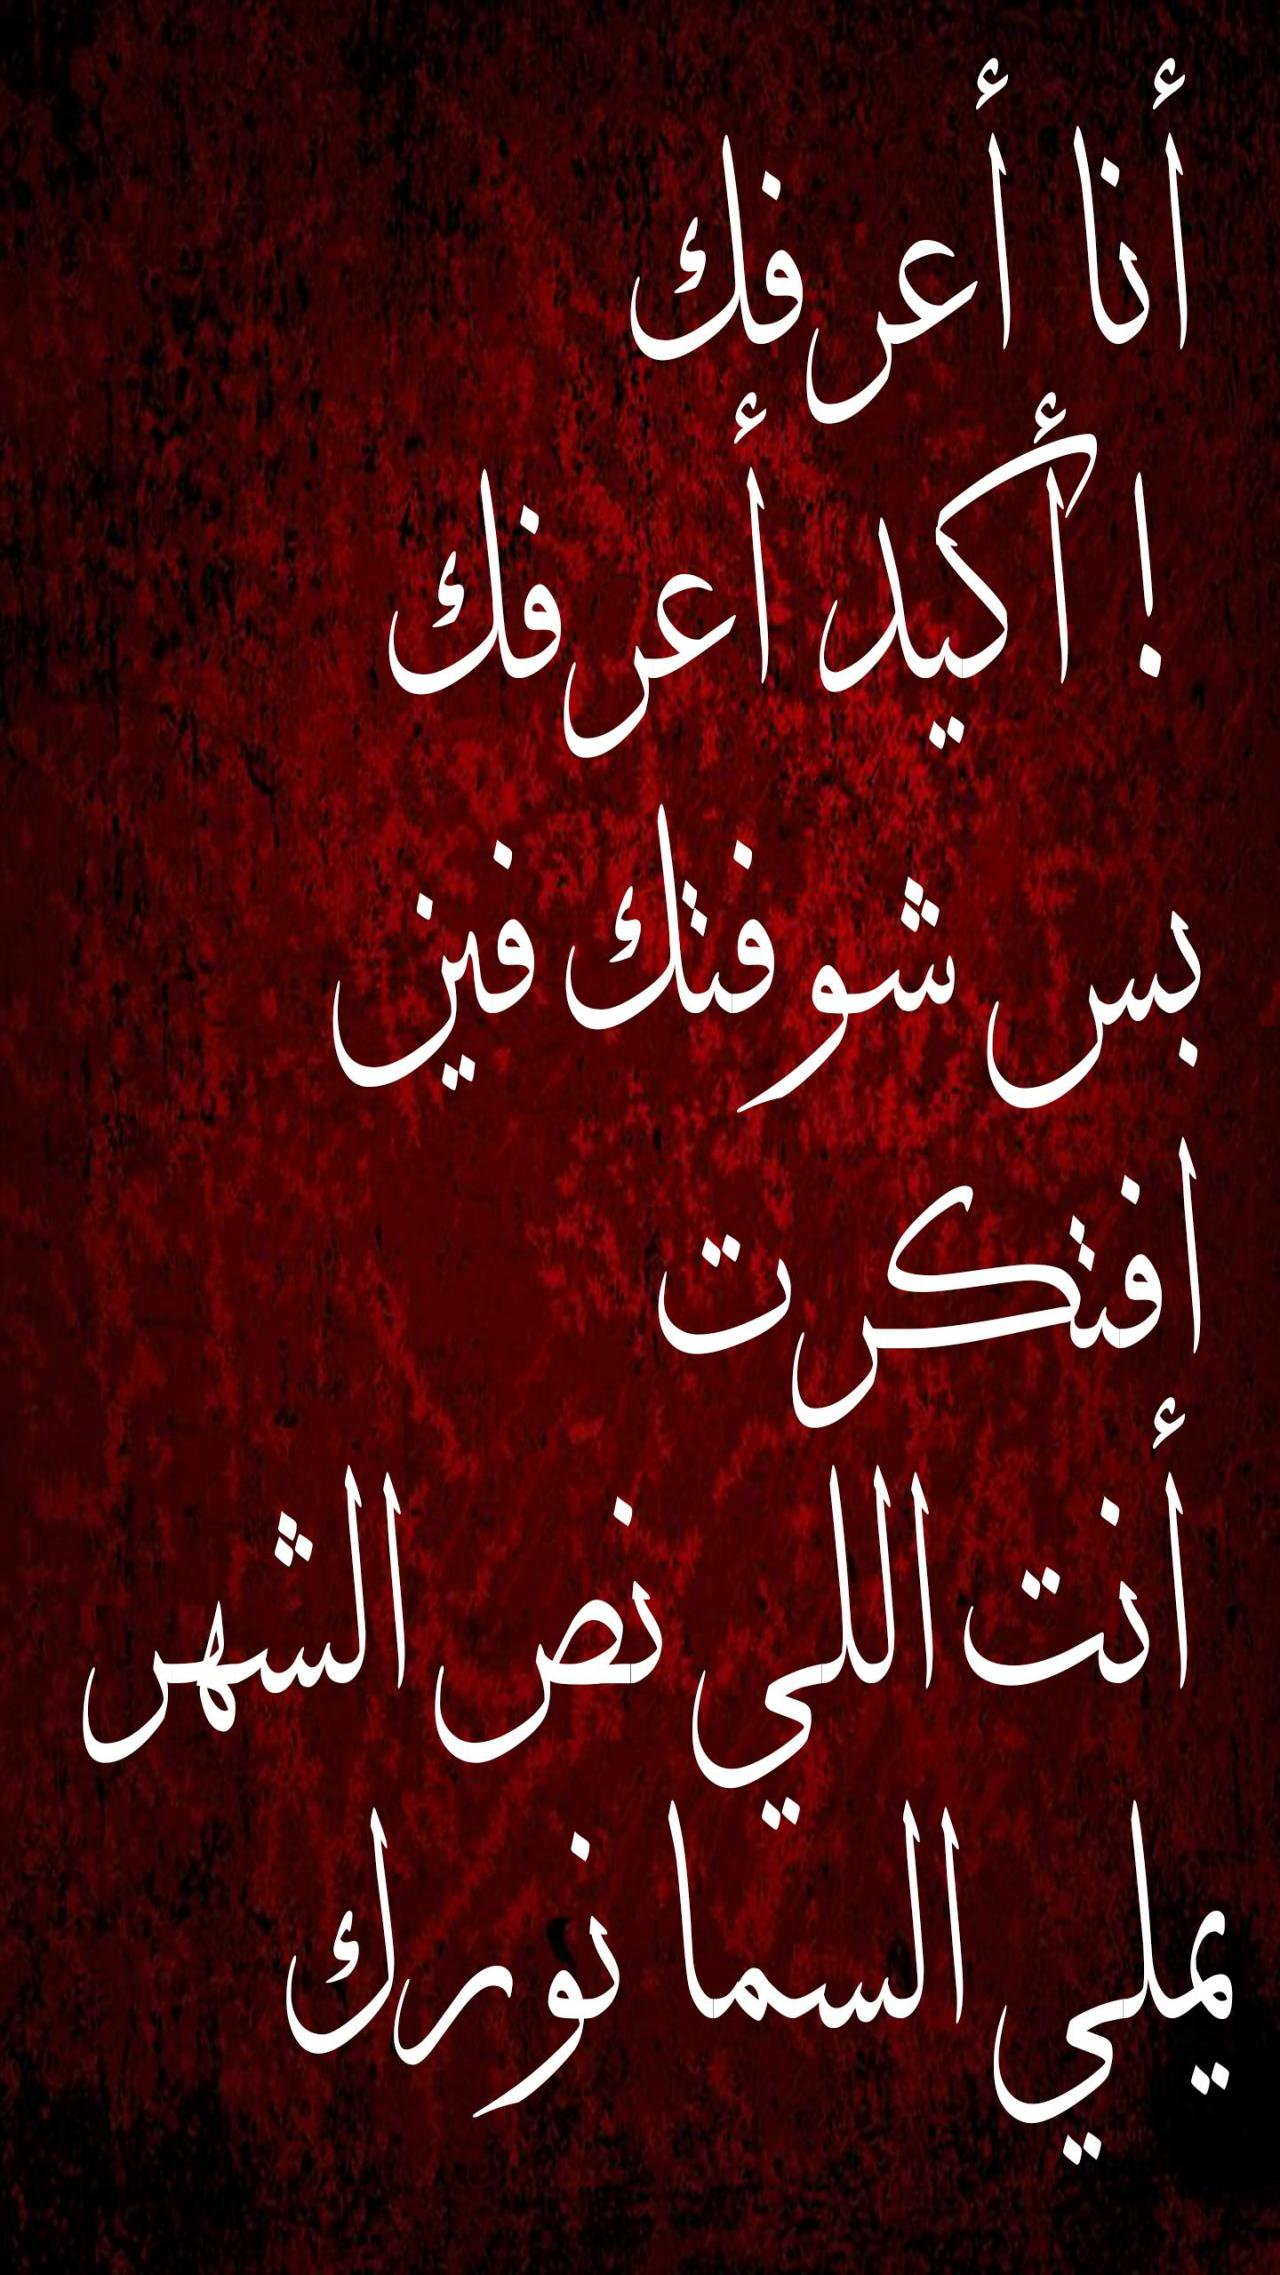 صورة بحبك بالمصرى , برسائل حب مصرية 5390